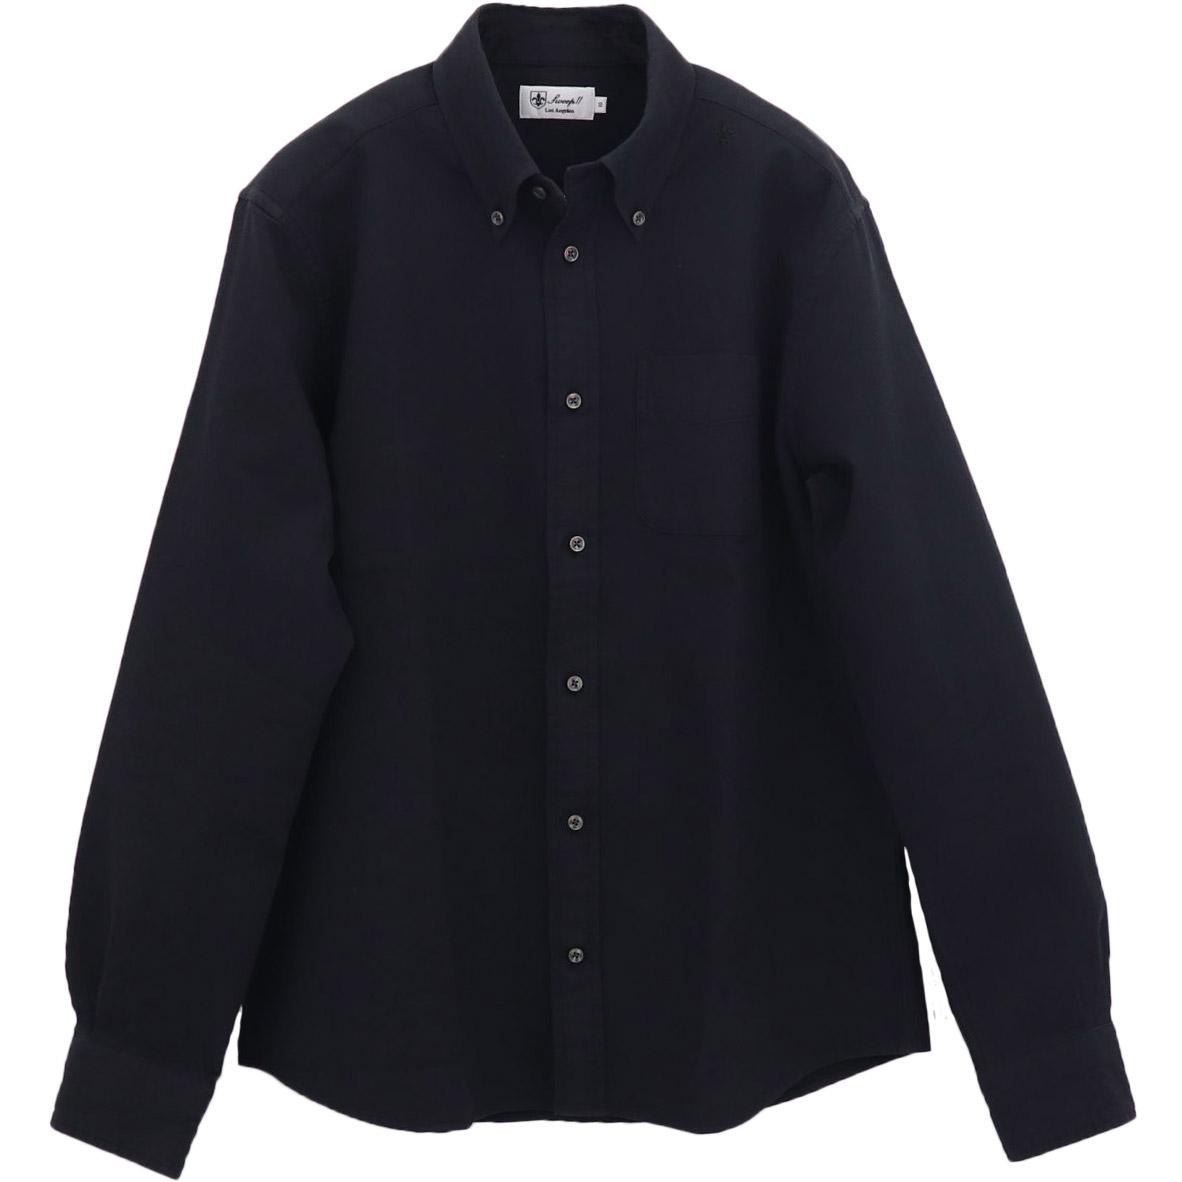 スウィープ ロサンゼルス Sweep!! LosAngeles メンズ 高密度ワッフル ボタンダウンシャツ SL130011  SWP BLACK(ブラック) 春夏新作